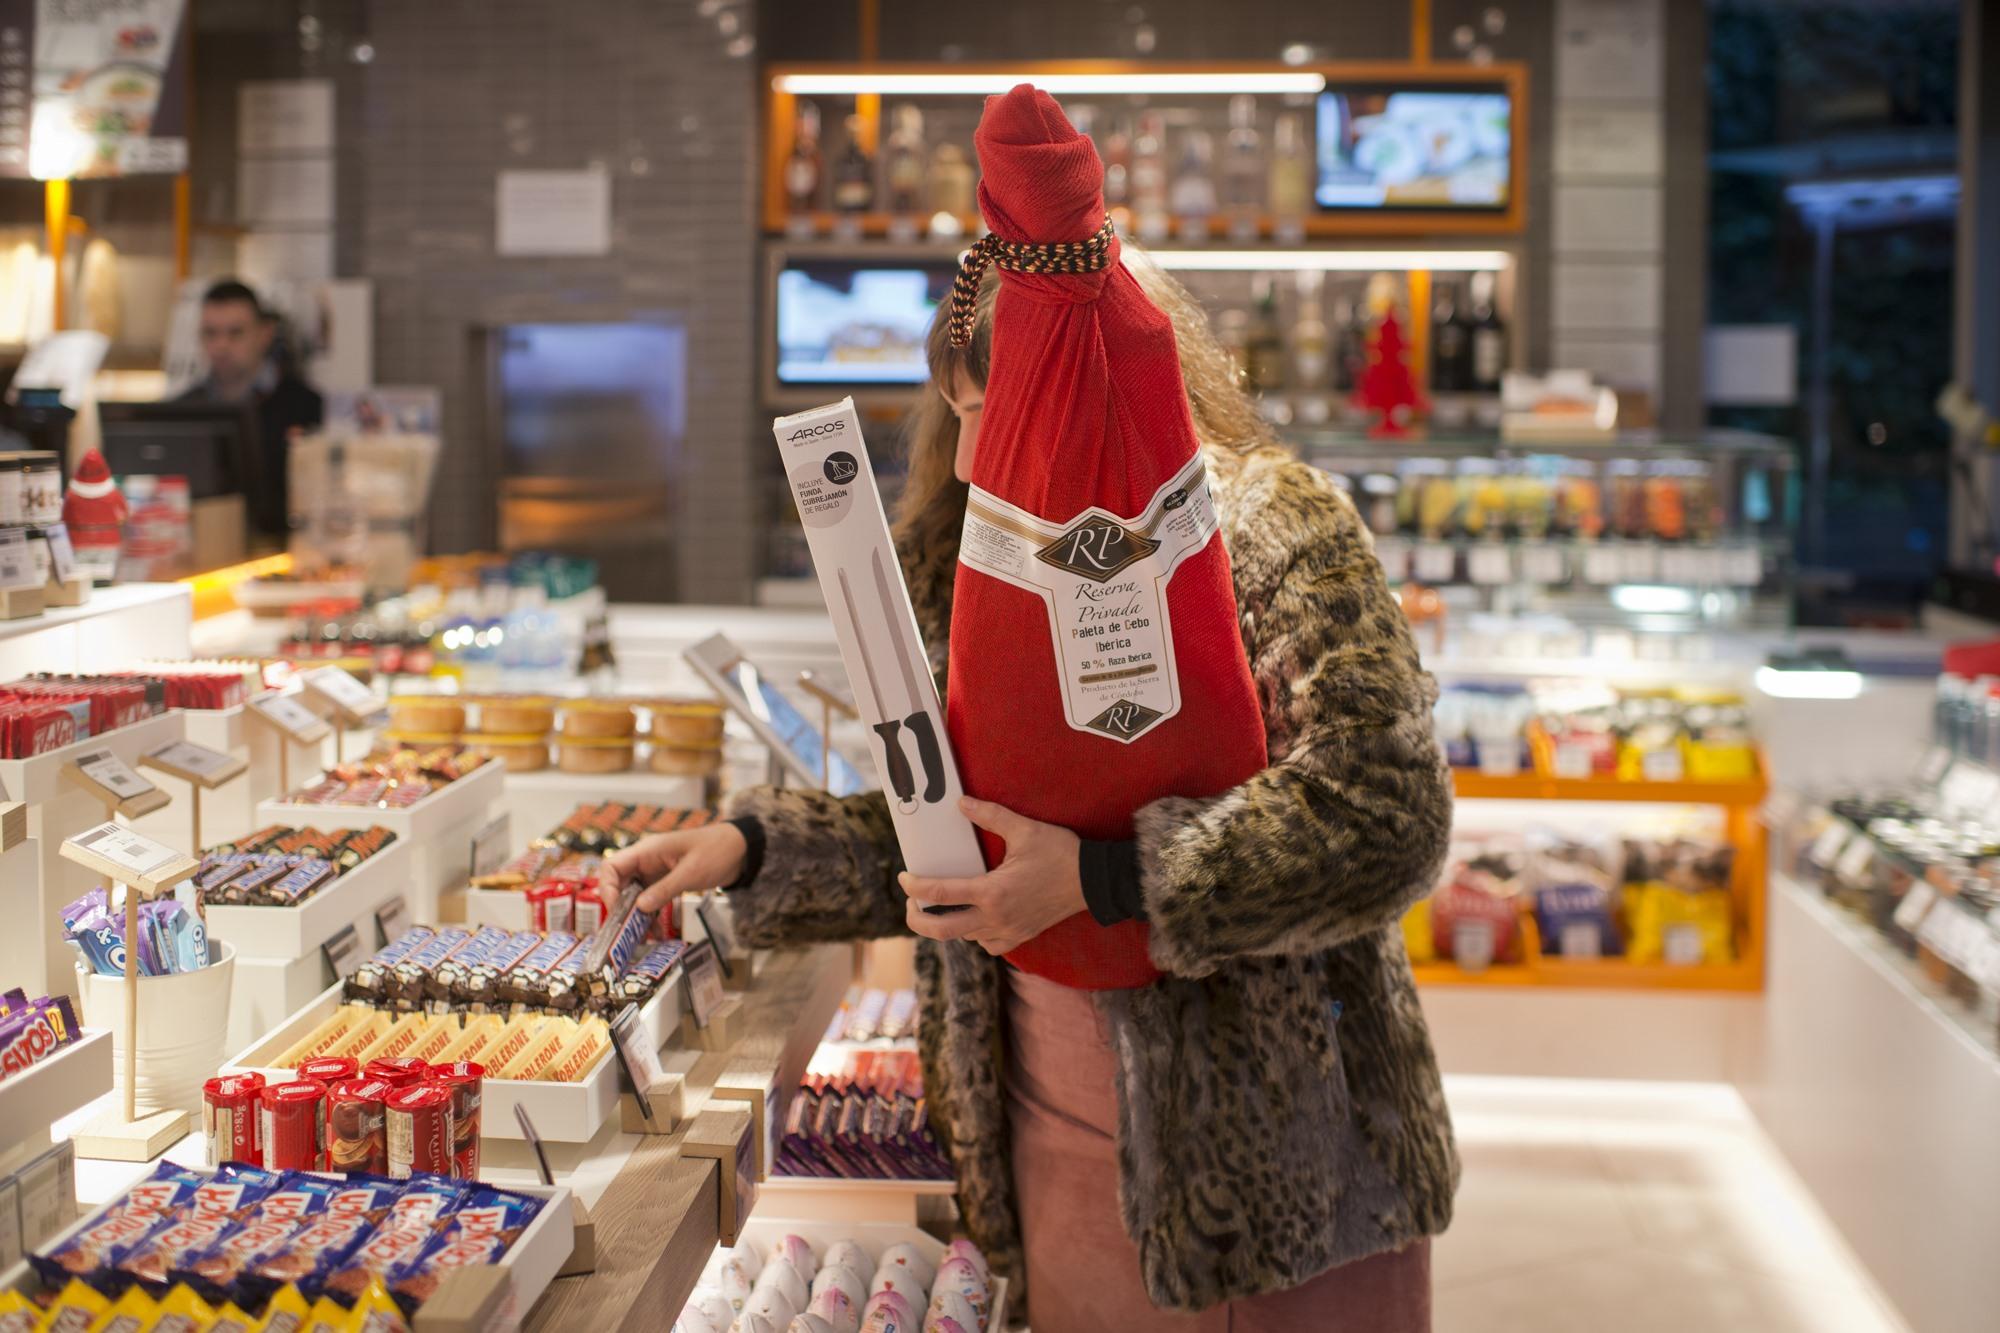 Es posible comprar incluso una paletilla con su correspondiente cuchillo jamonero.